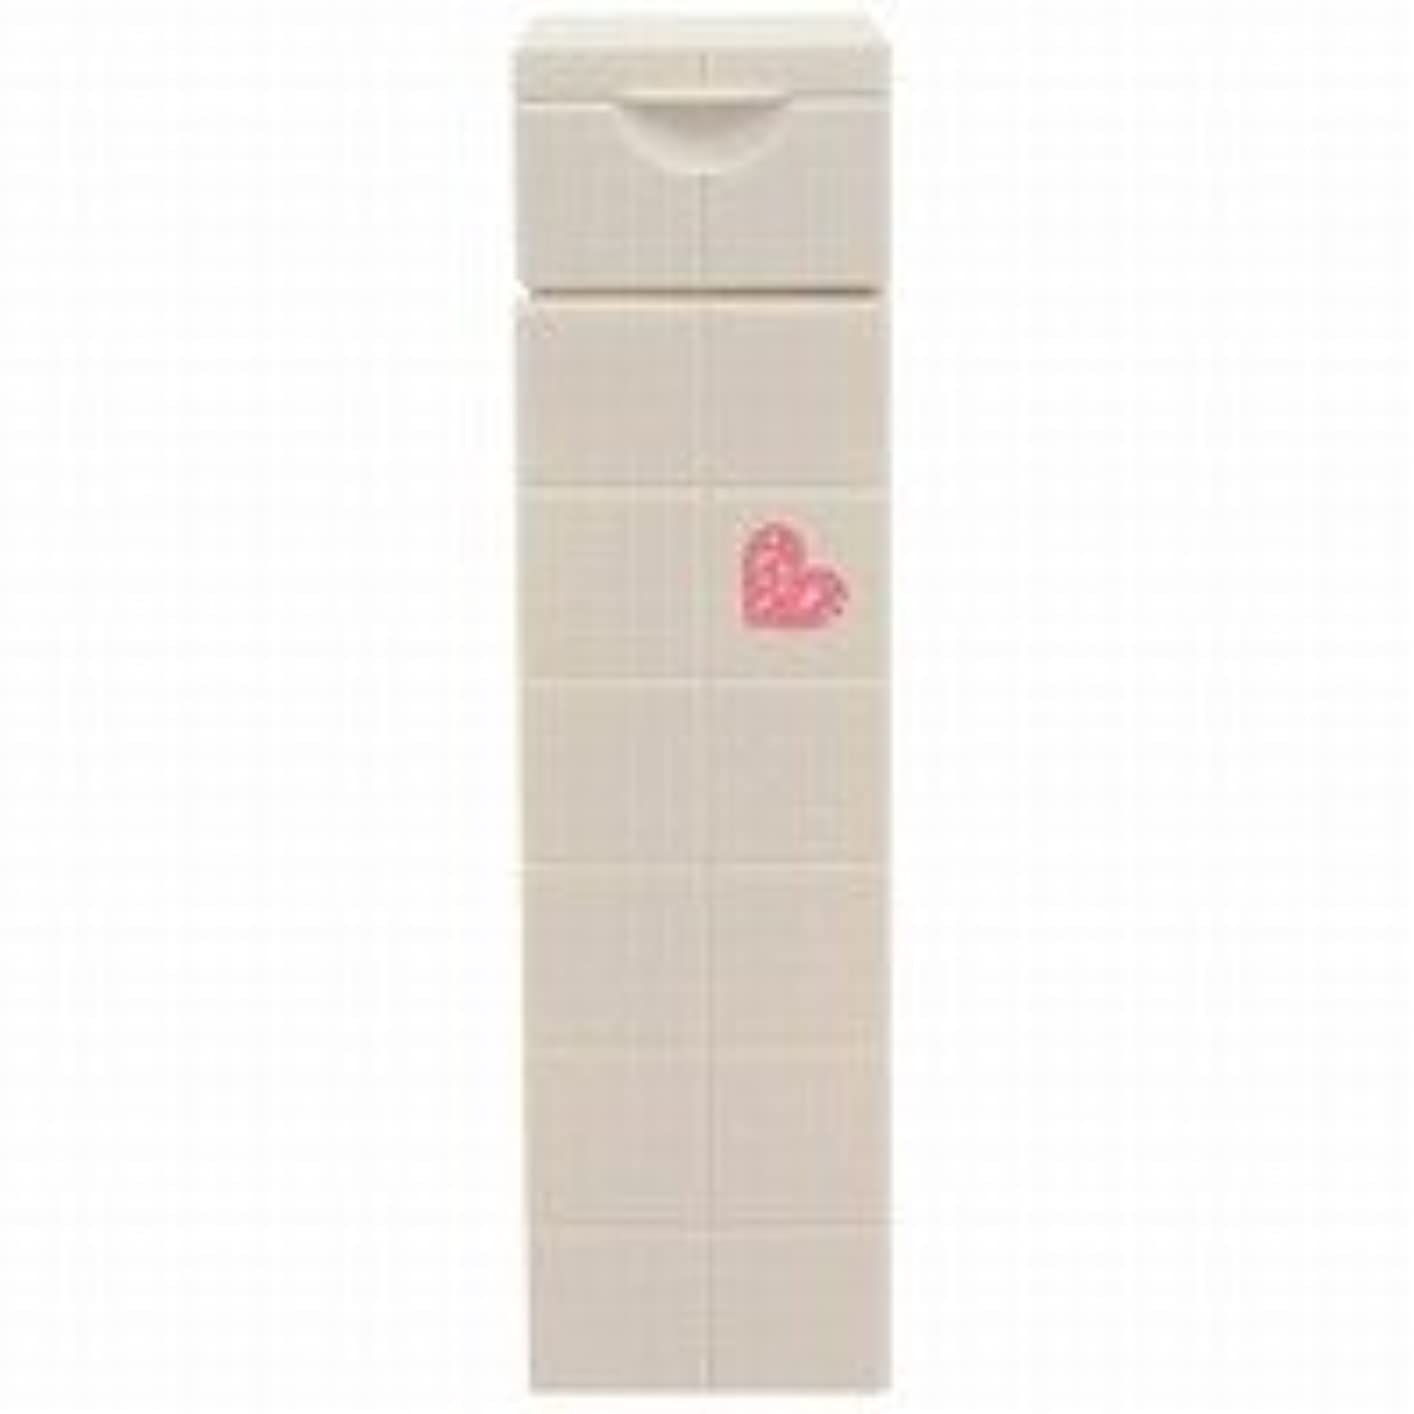 応用行政ジェスチャー【X3個セット】 アリミノ ピース プロデザインシリーズ モイストミルク バニラ 200ml